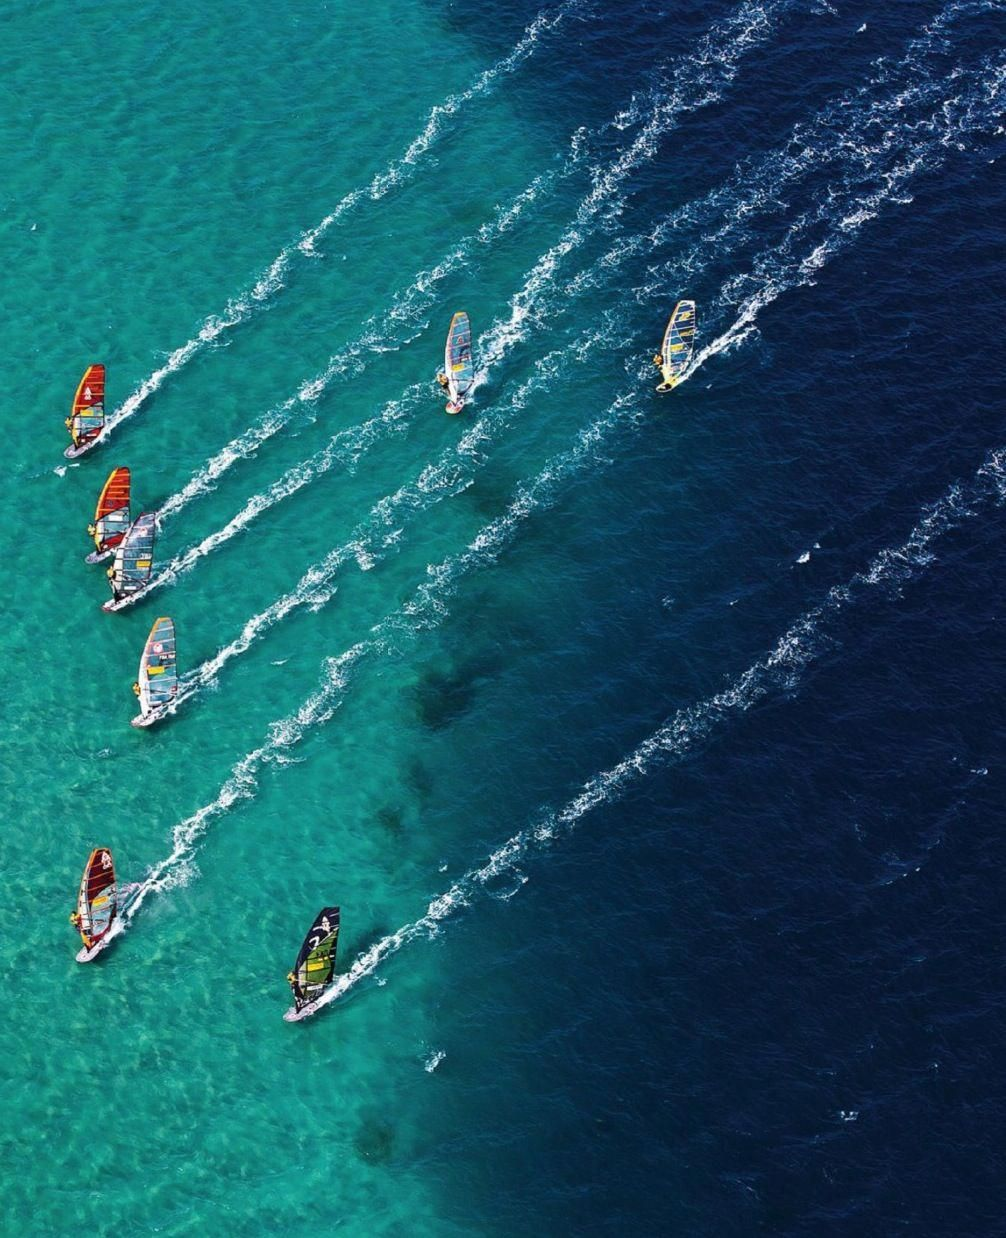 Windsurfing windsurfingequipment Wind surfing